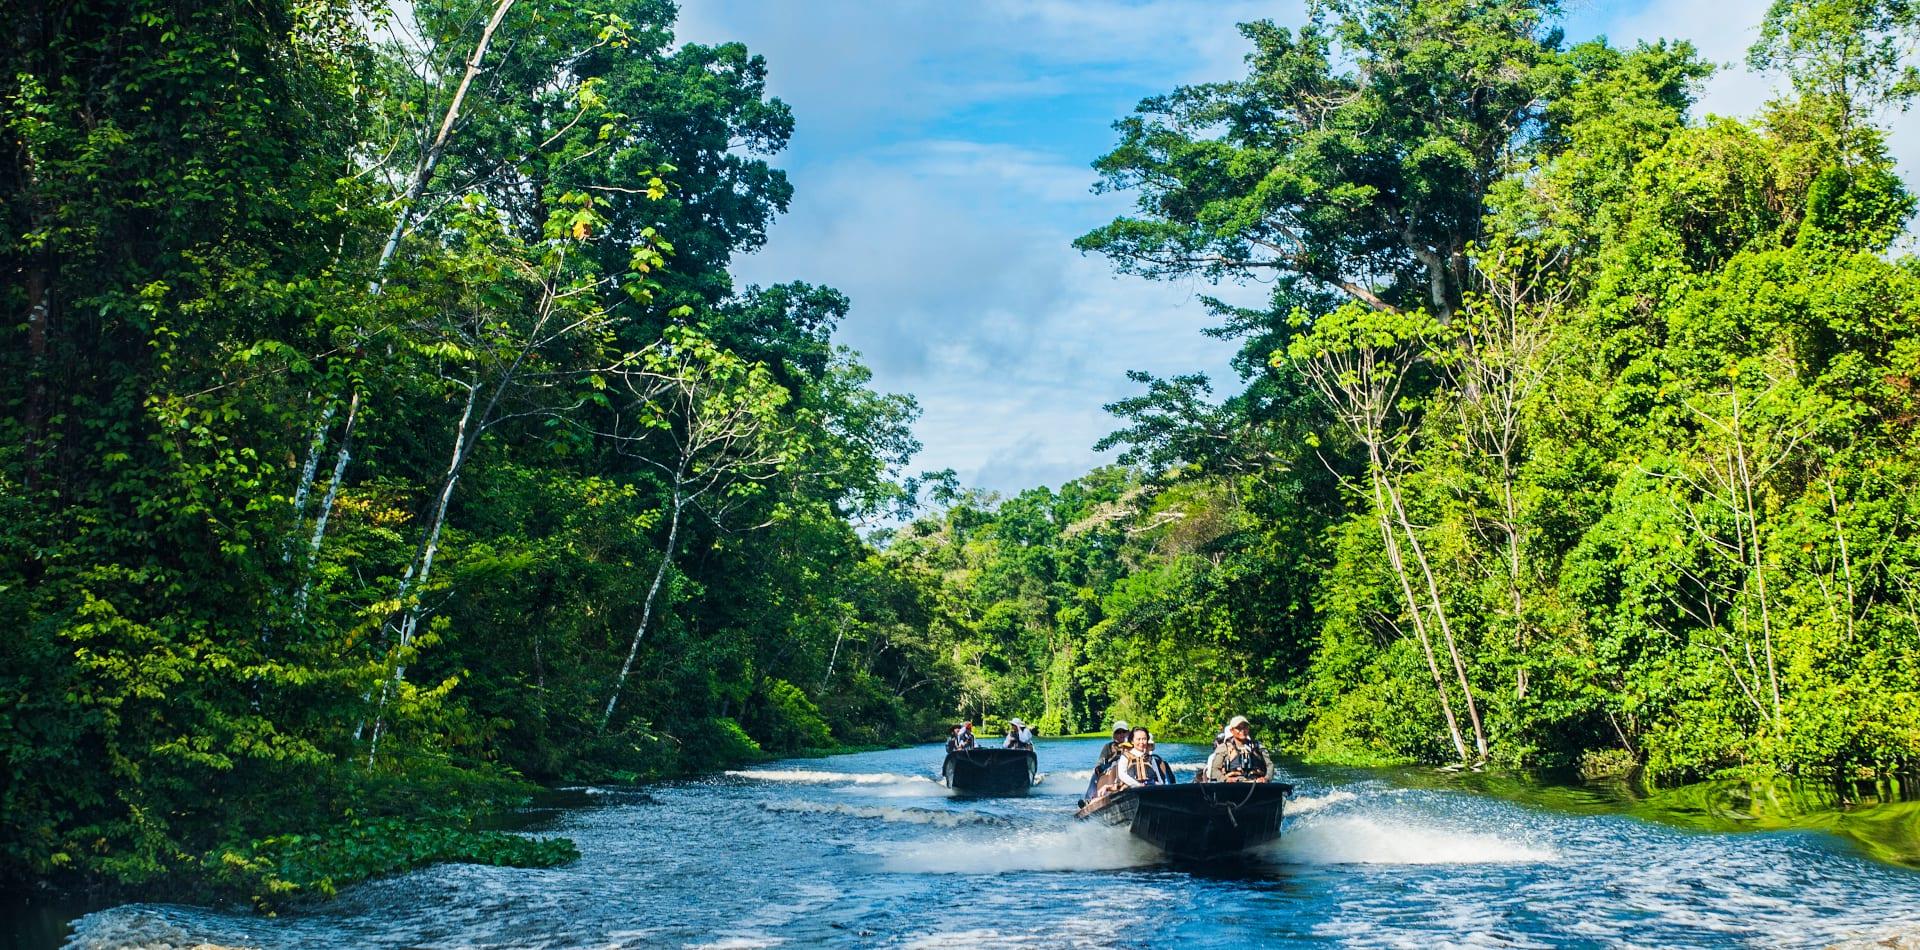 brazil amazon skiff boat